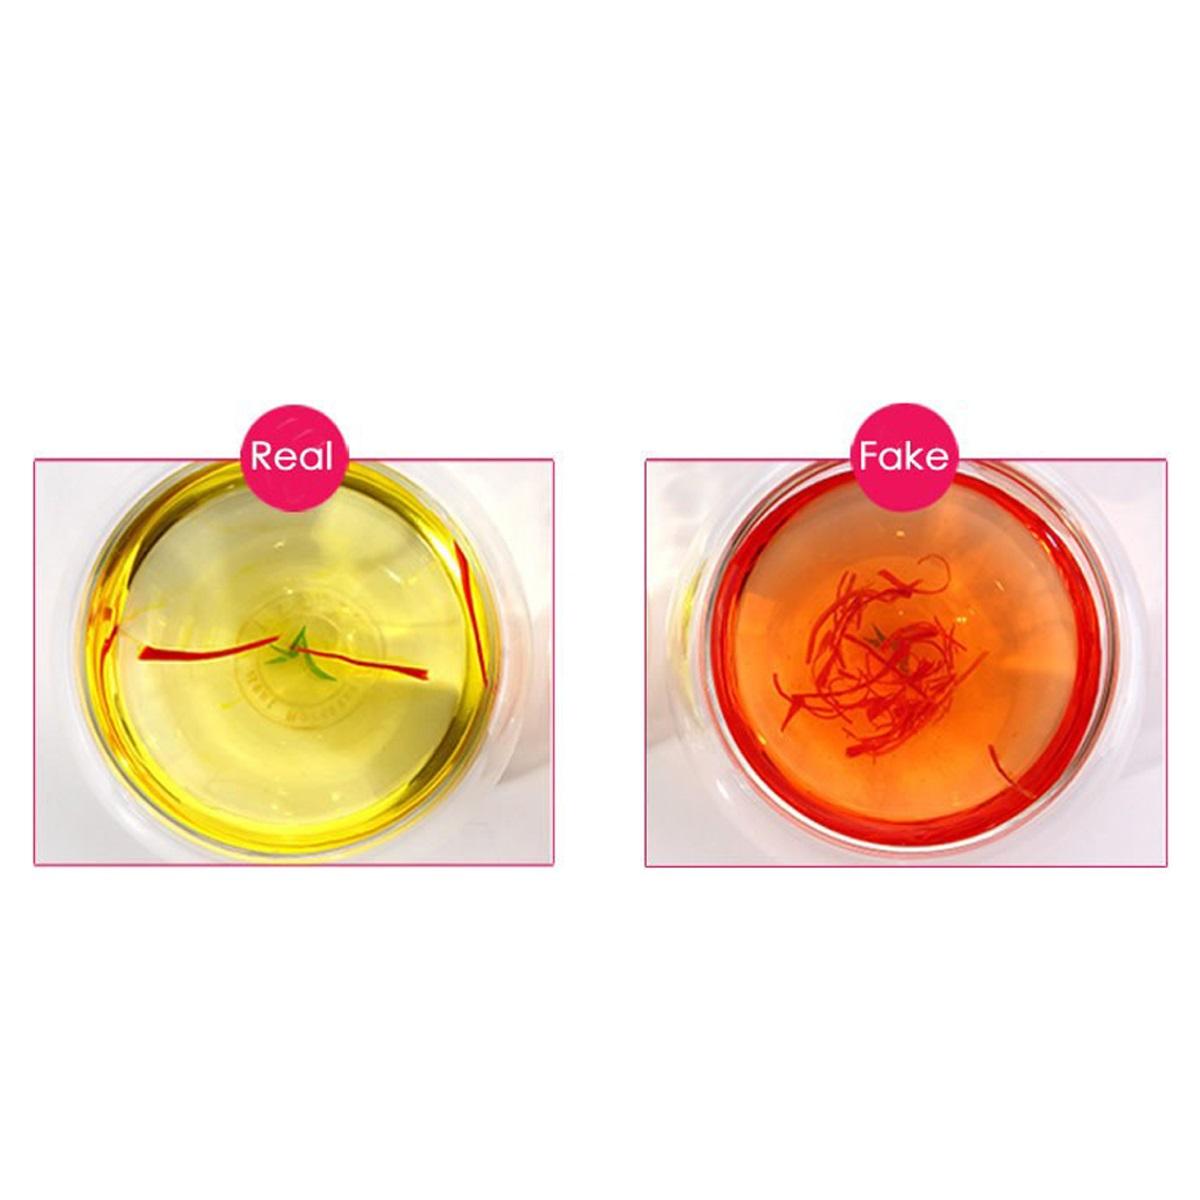 Saffron thật khi được ngâm trong nước sẽ tiết ra màu vàng óng đẹp mắt, gần giống với màu nghệ sáng, còn saffron giả sẽ có màu cam đỏ.